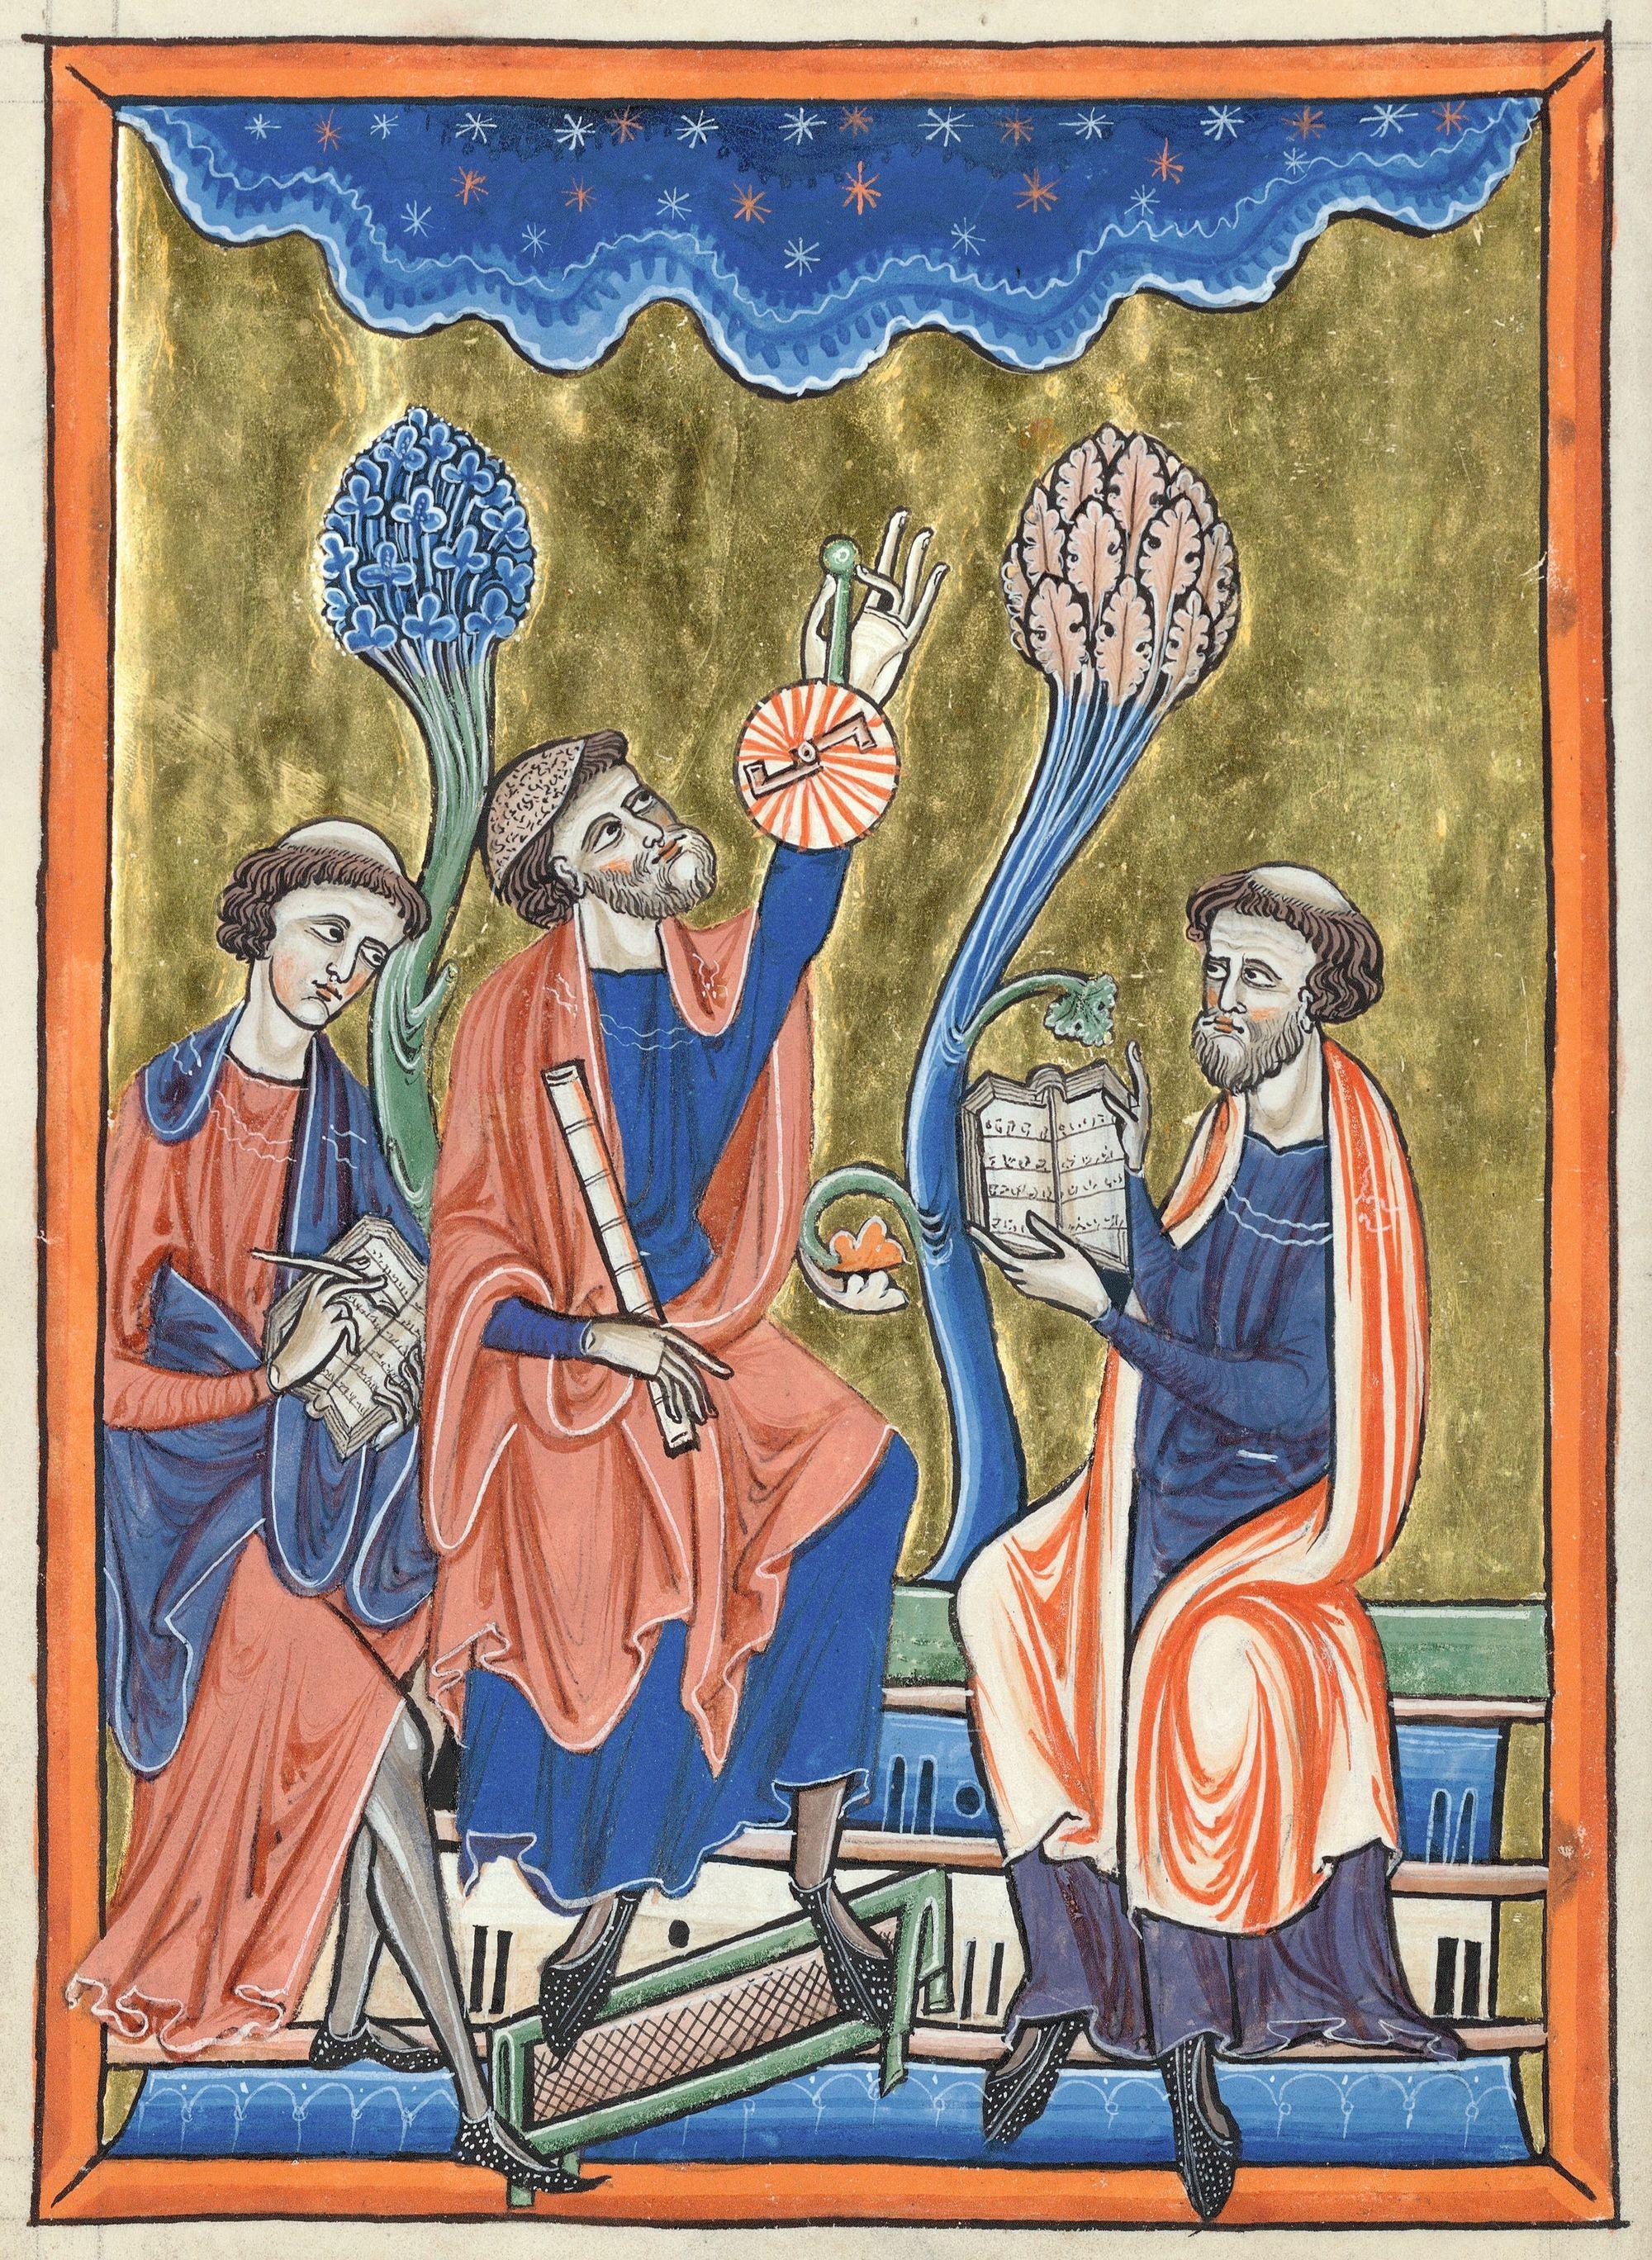 « Abraham Ibn Ezra enseigne l'astronomie à des clercs latins », enluminure, 1225-1235, 19,2 x 13,7 cm, Psautier dit de Blanche de Castille, bibliothèque de l'Arsenal, Paris, ms. 1186, f. 1v.